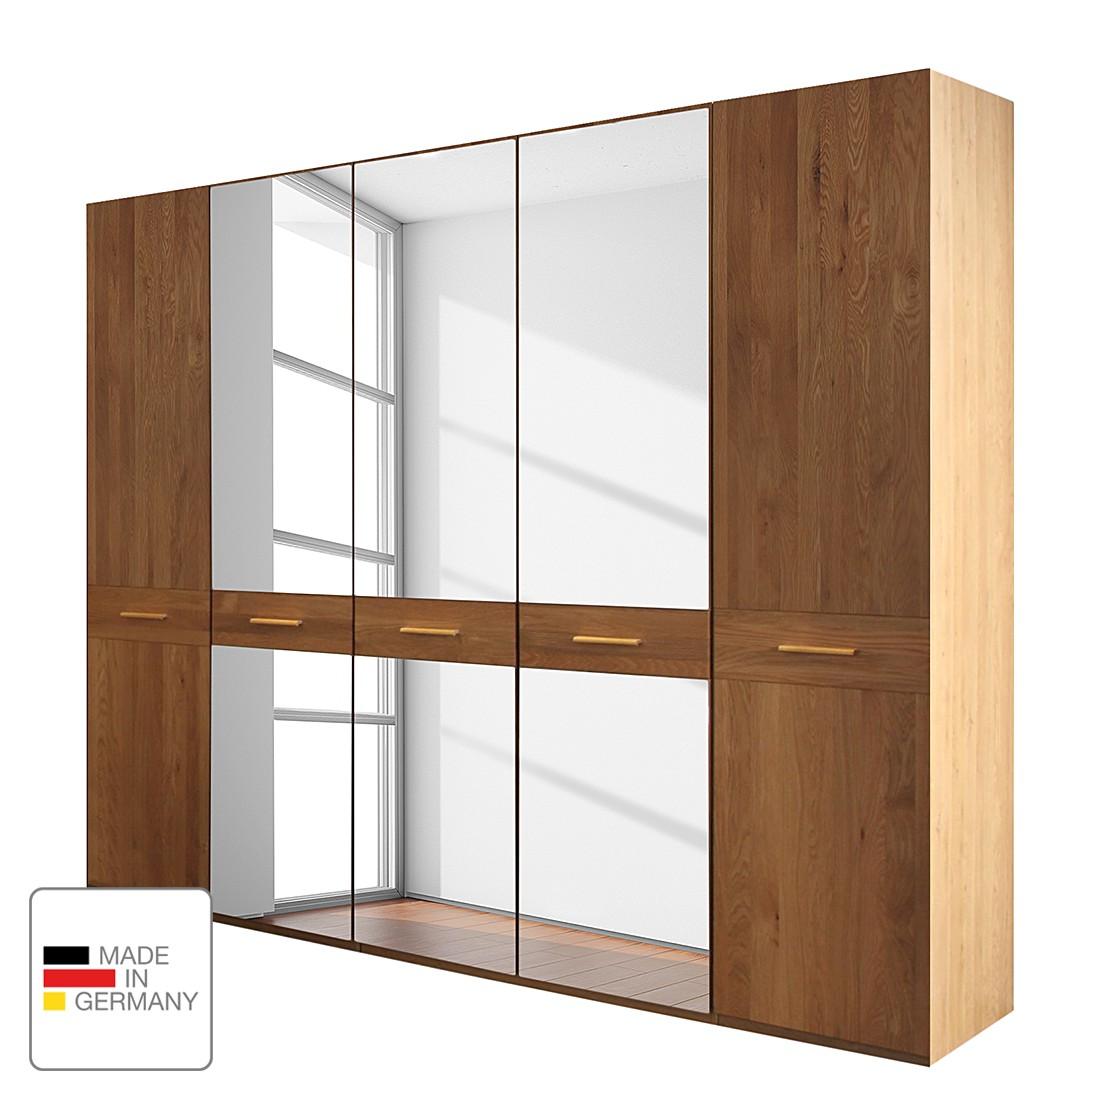 Drehtürenschrank Faro – Eiche teilmassiv – lackiert – 250 cm (5-türig) – 3 Spiegeltüren – Ohne Passpartoutrahmen, Althoff jetzt kaufen